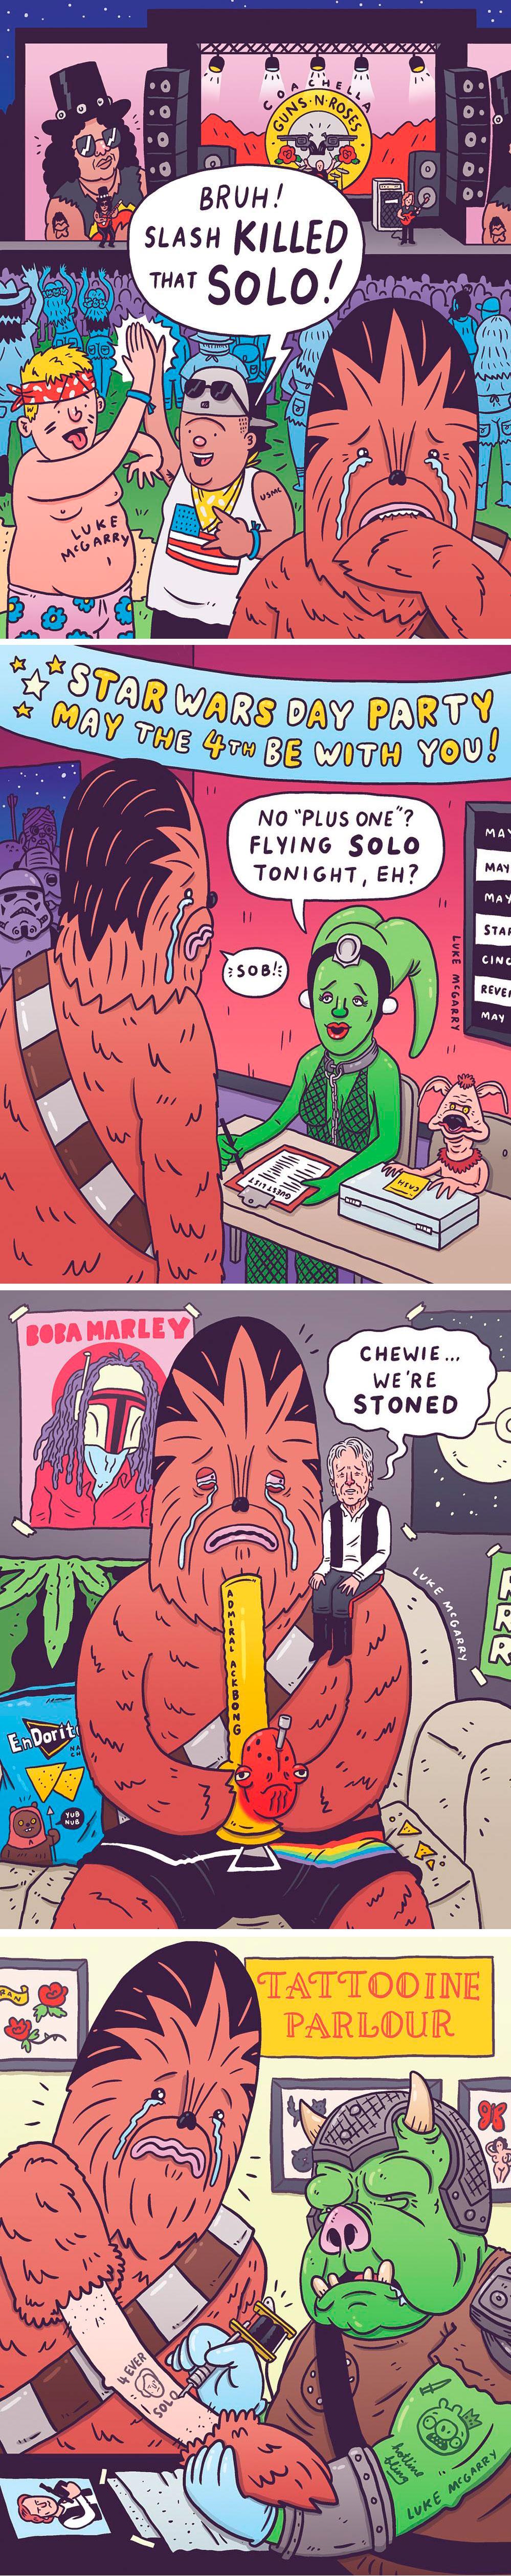 Sad Chewie